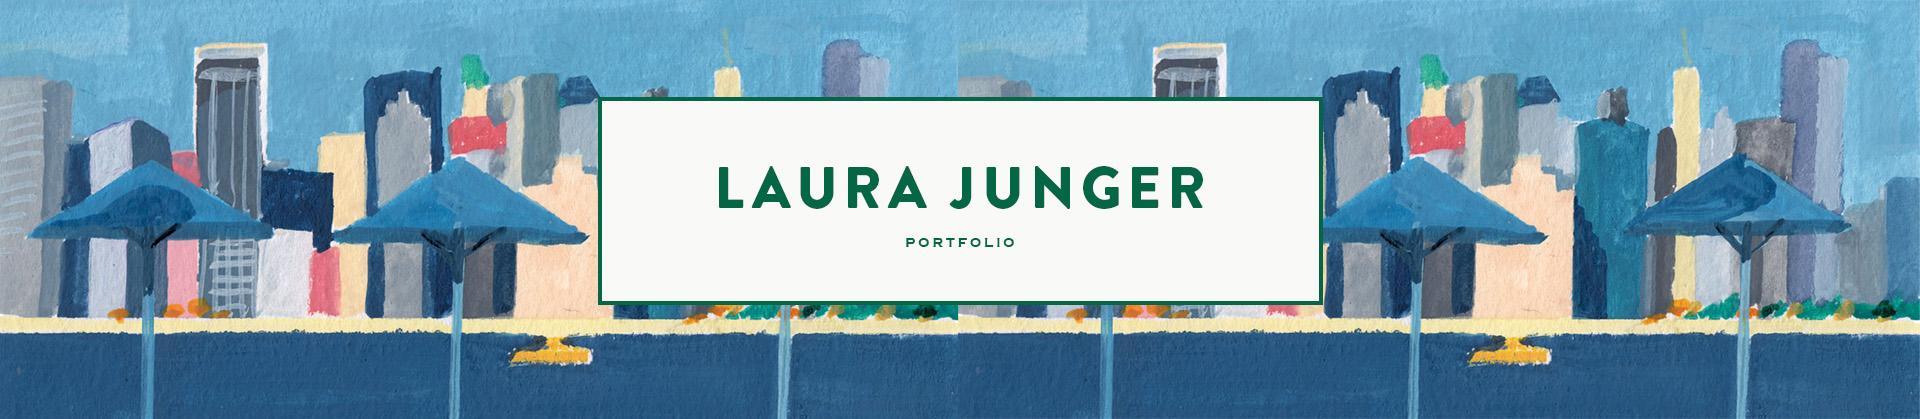 Laura Junger